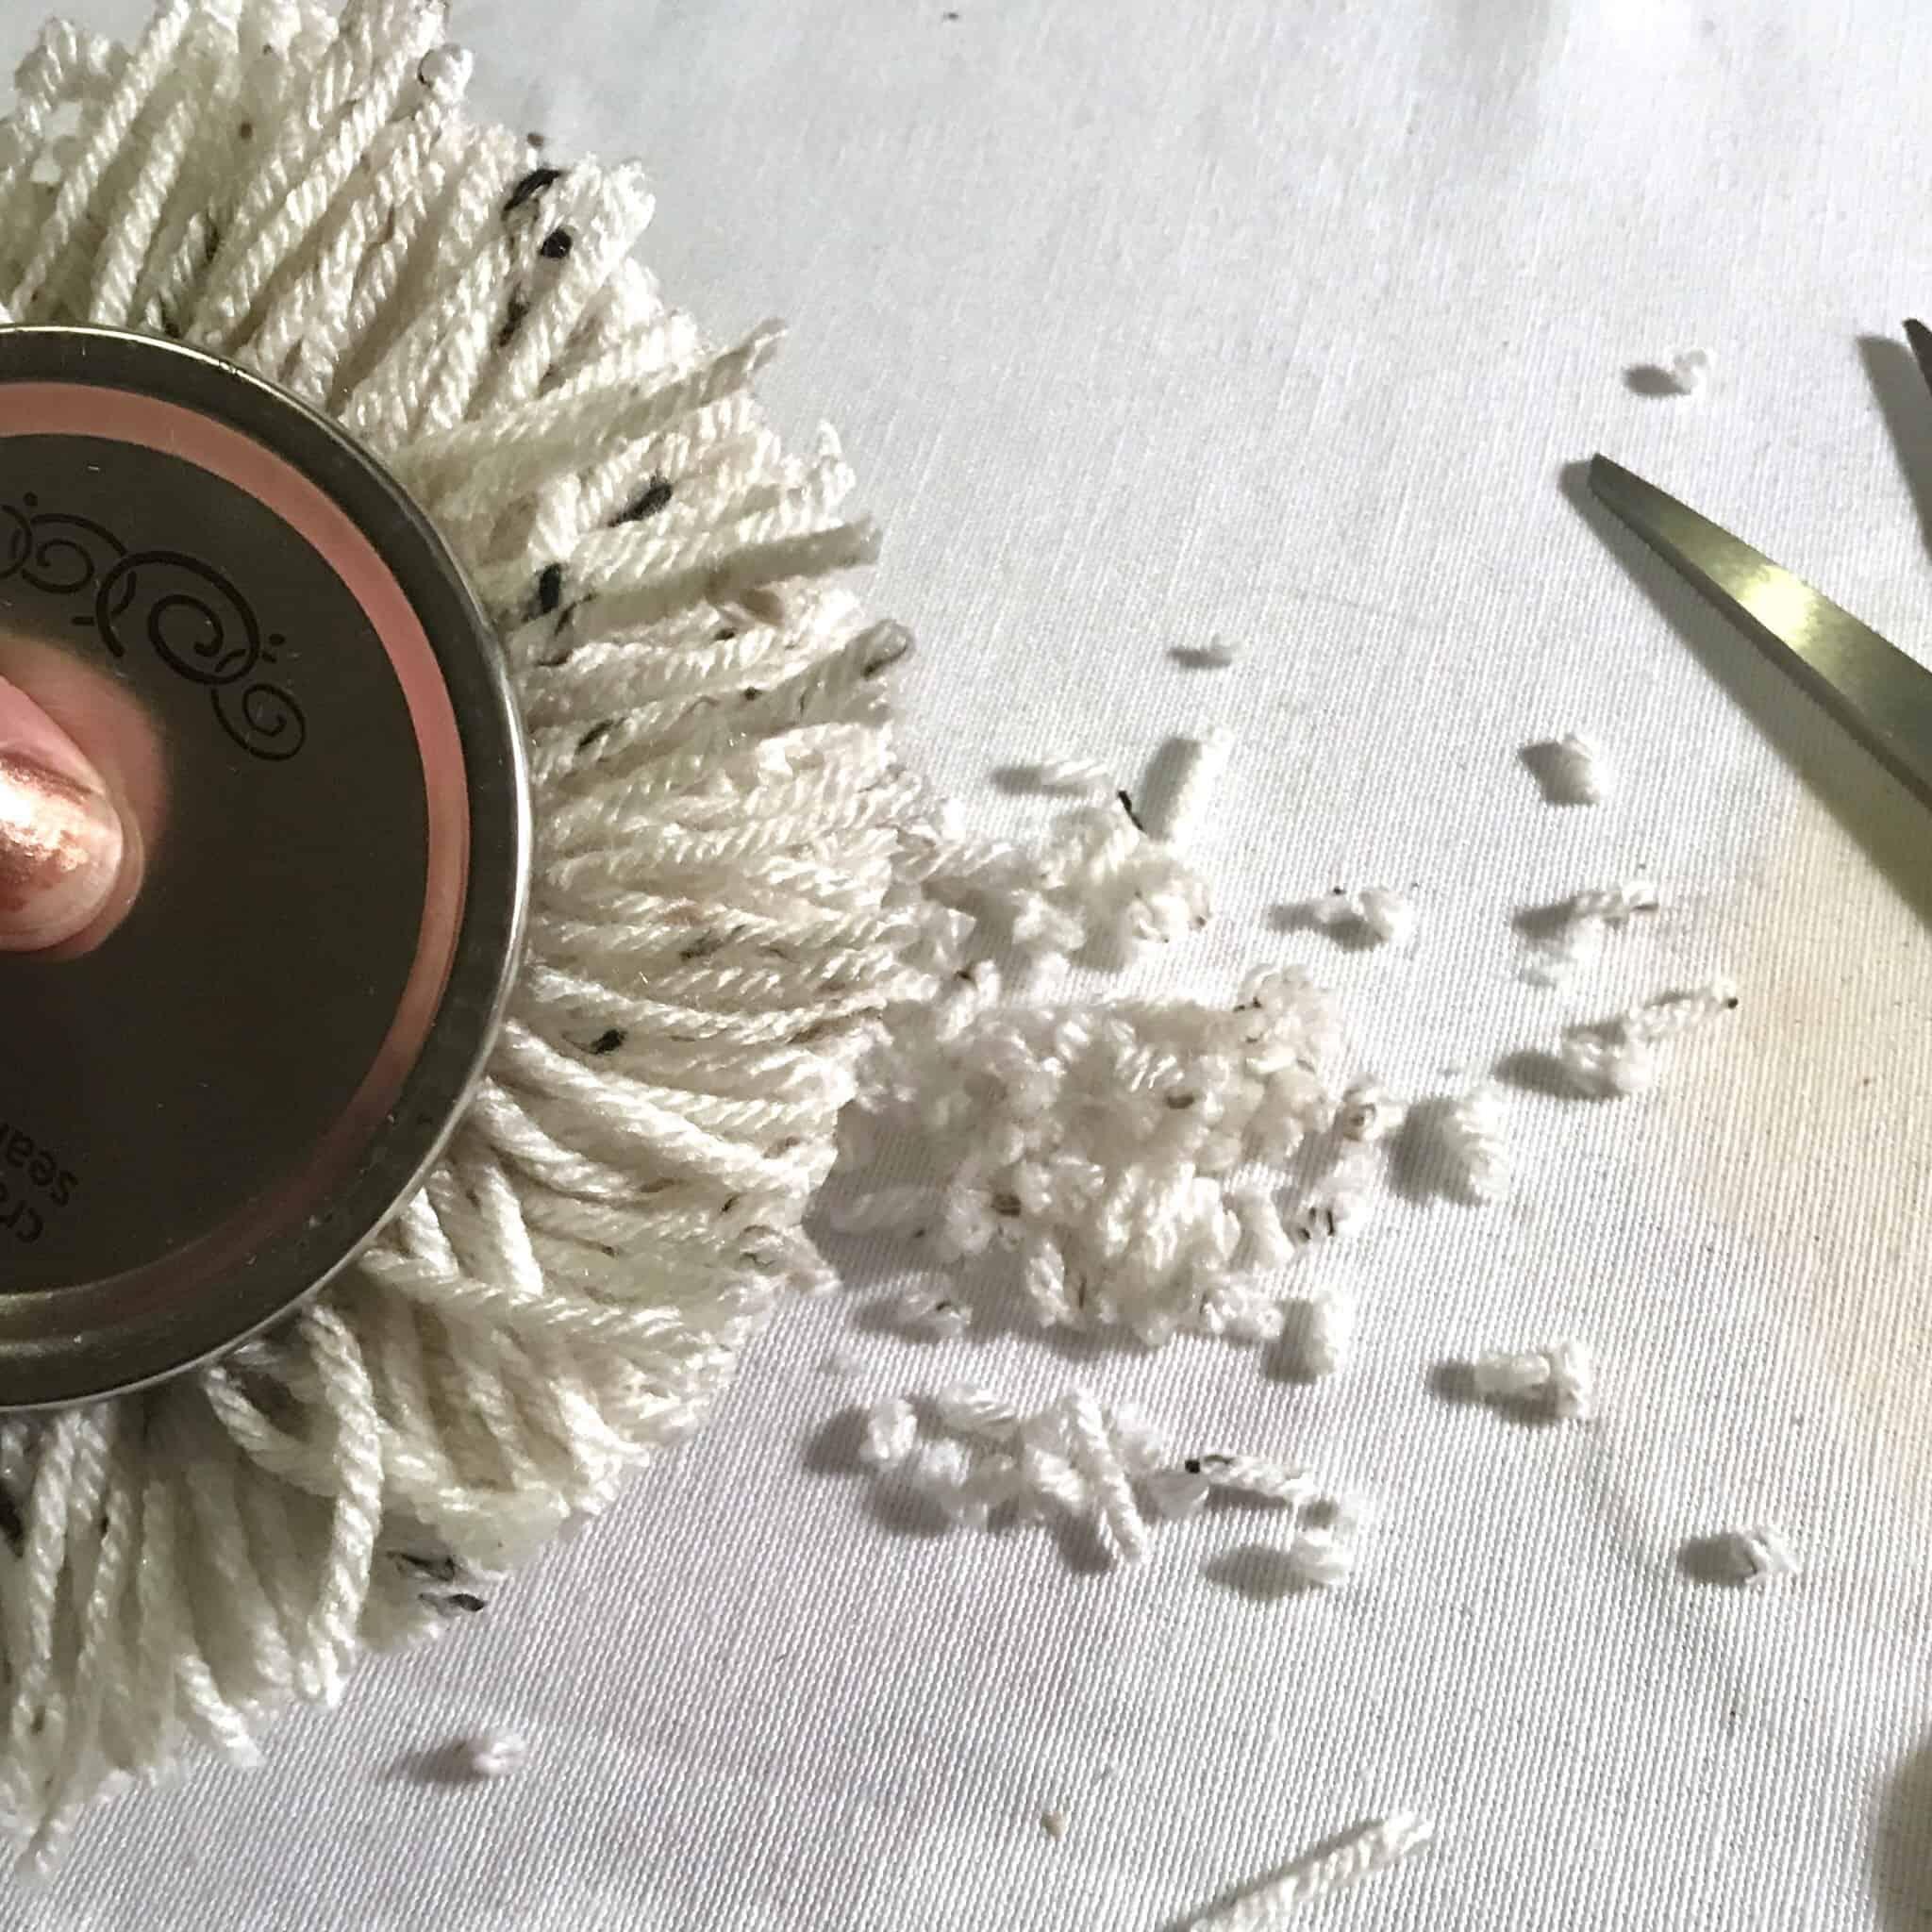 DIY how to make a pom pom trimming with scissors